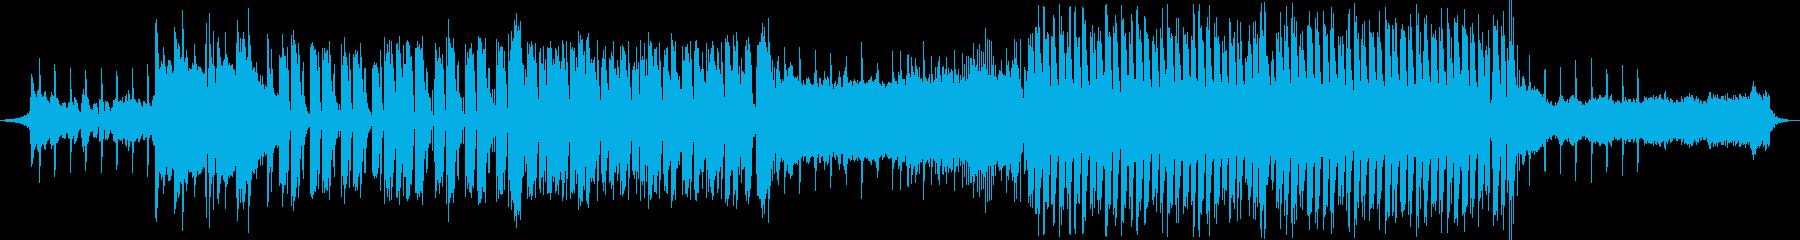 フューチャー感のあるポップスの再生済みの波形